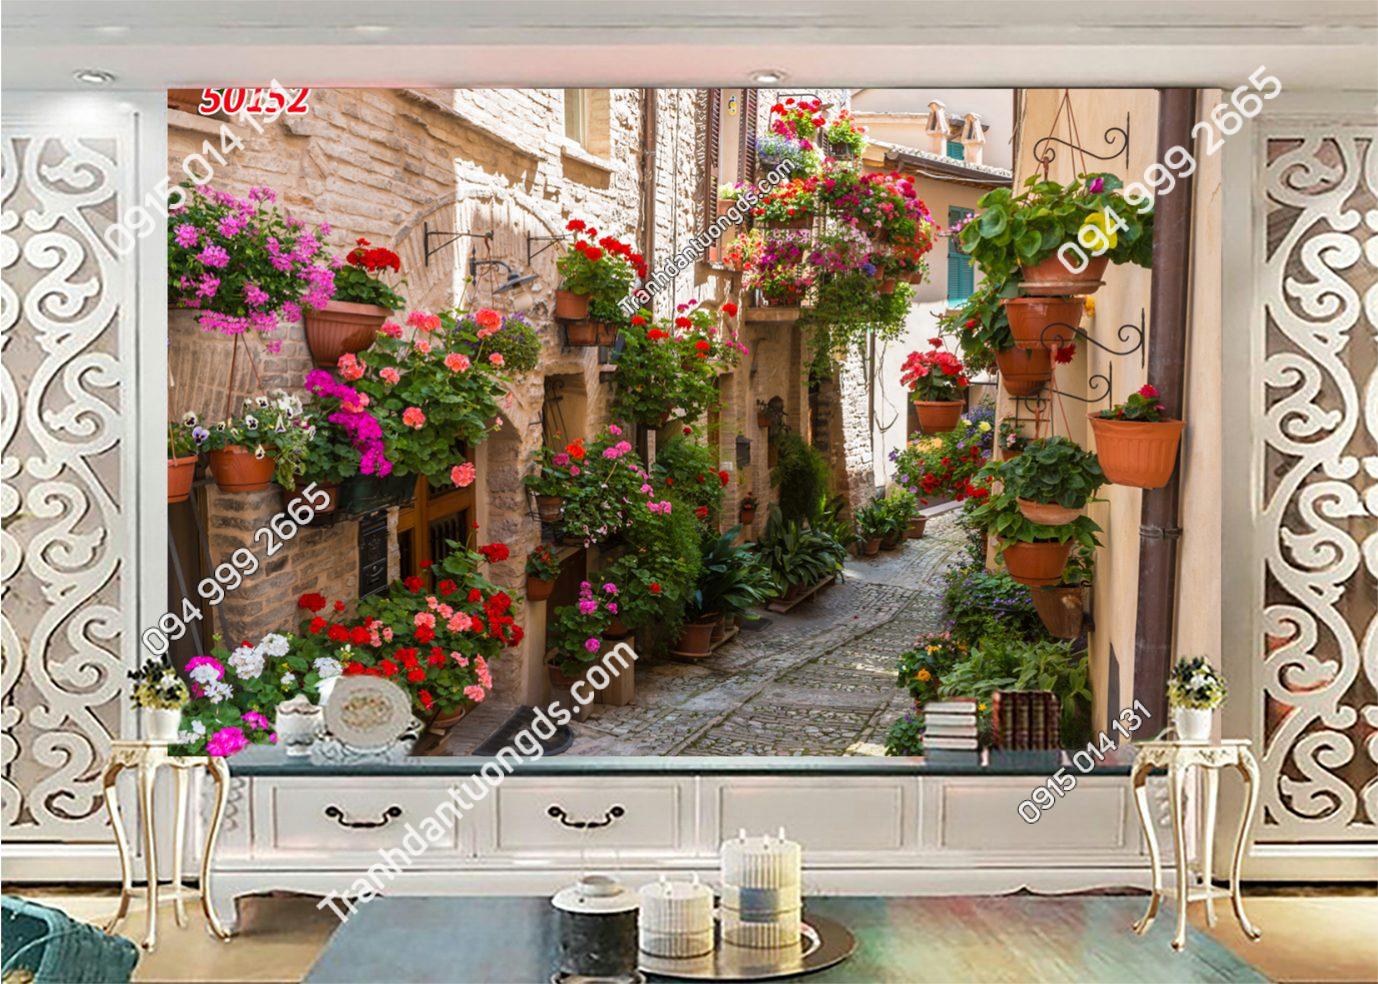 Tranh dán tường hẻm hoa châu Âu 50152